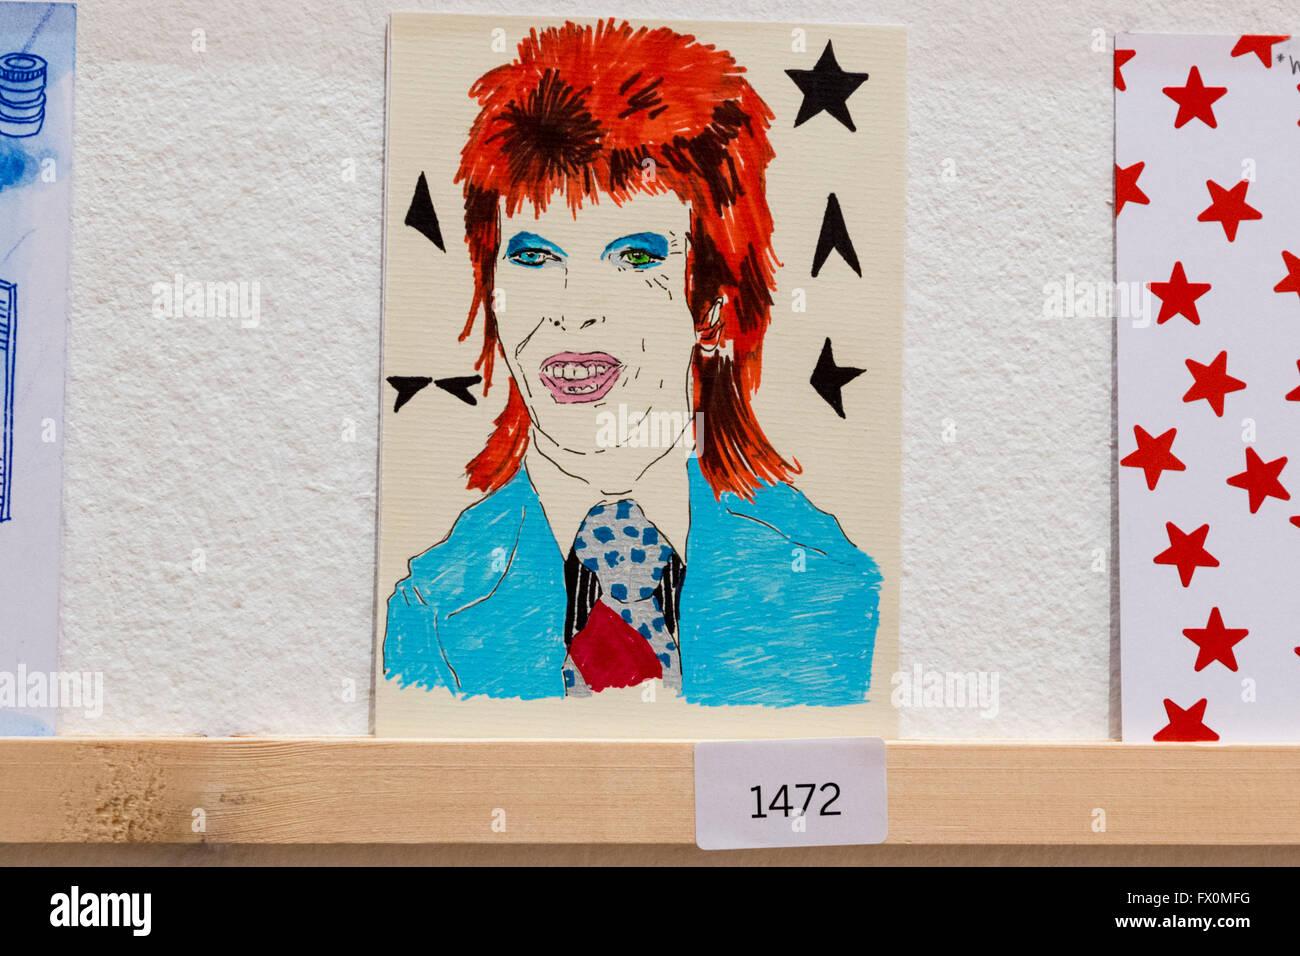 Londres, Reino Unido. El 8 de abril de 2016. Varias ilustraciones rendir homenaje a David Bowie. El Royal College Foto de stock